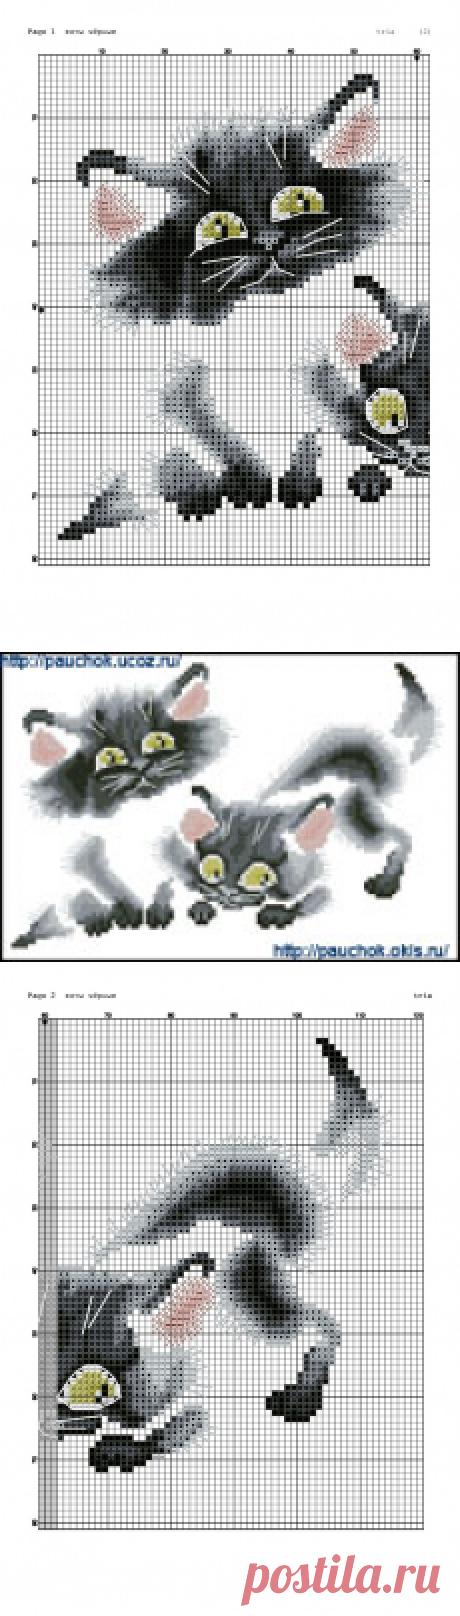 Вышивка.Кошки необычные...